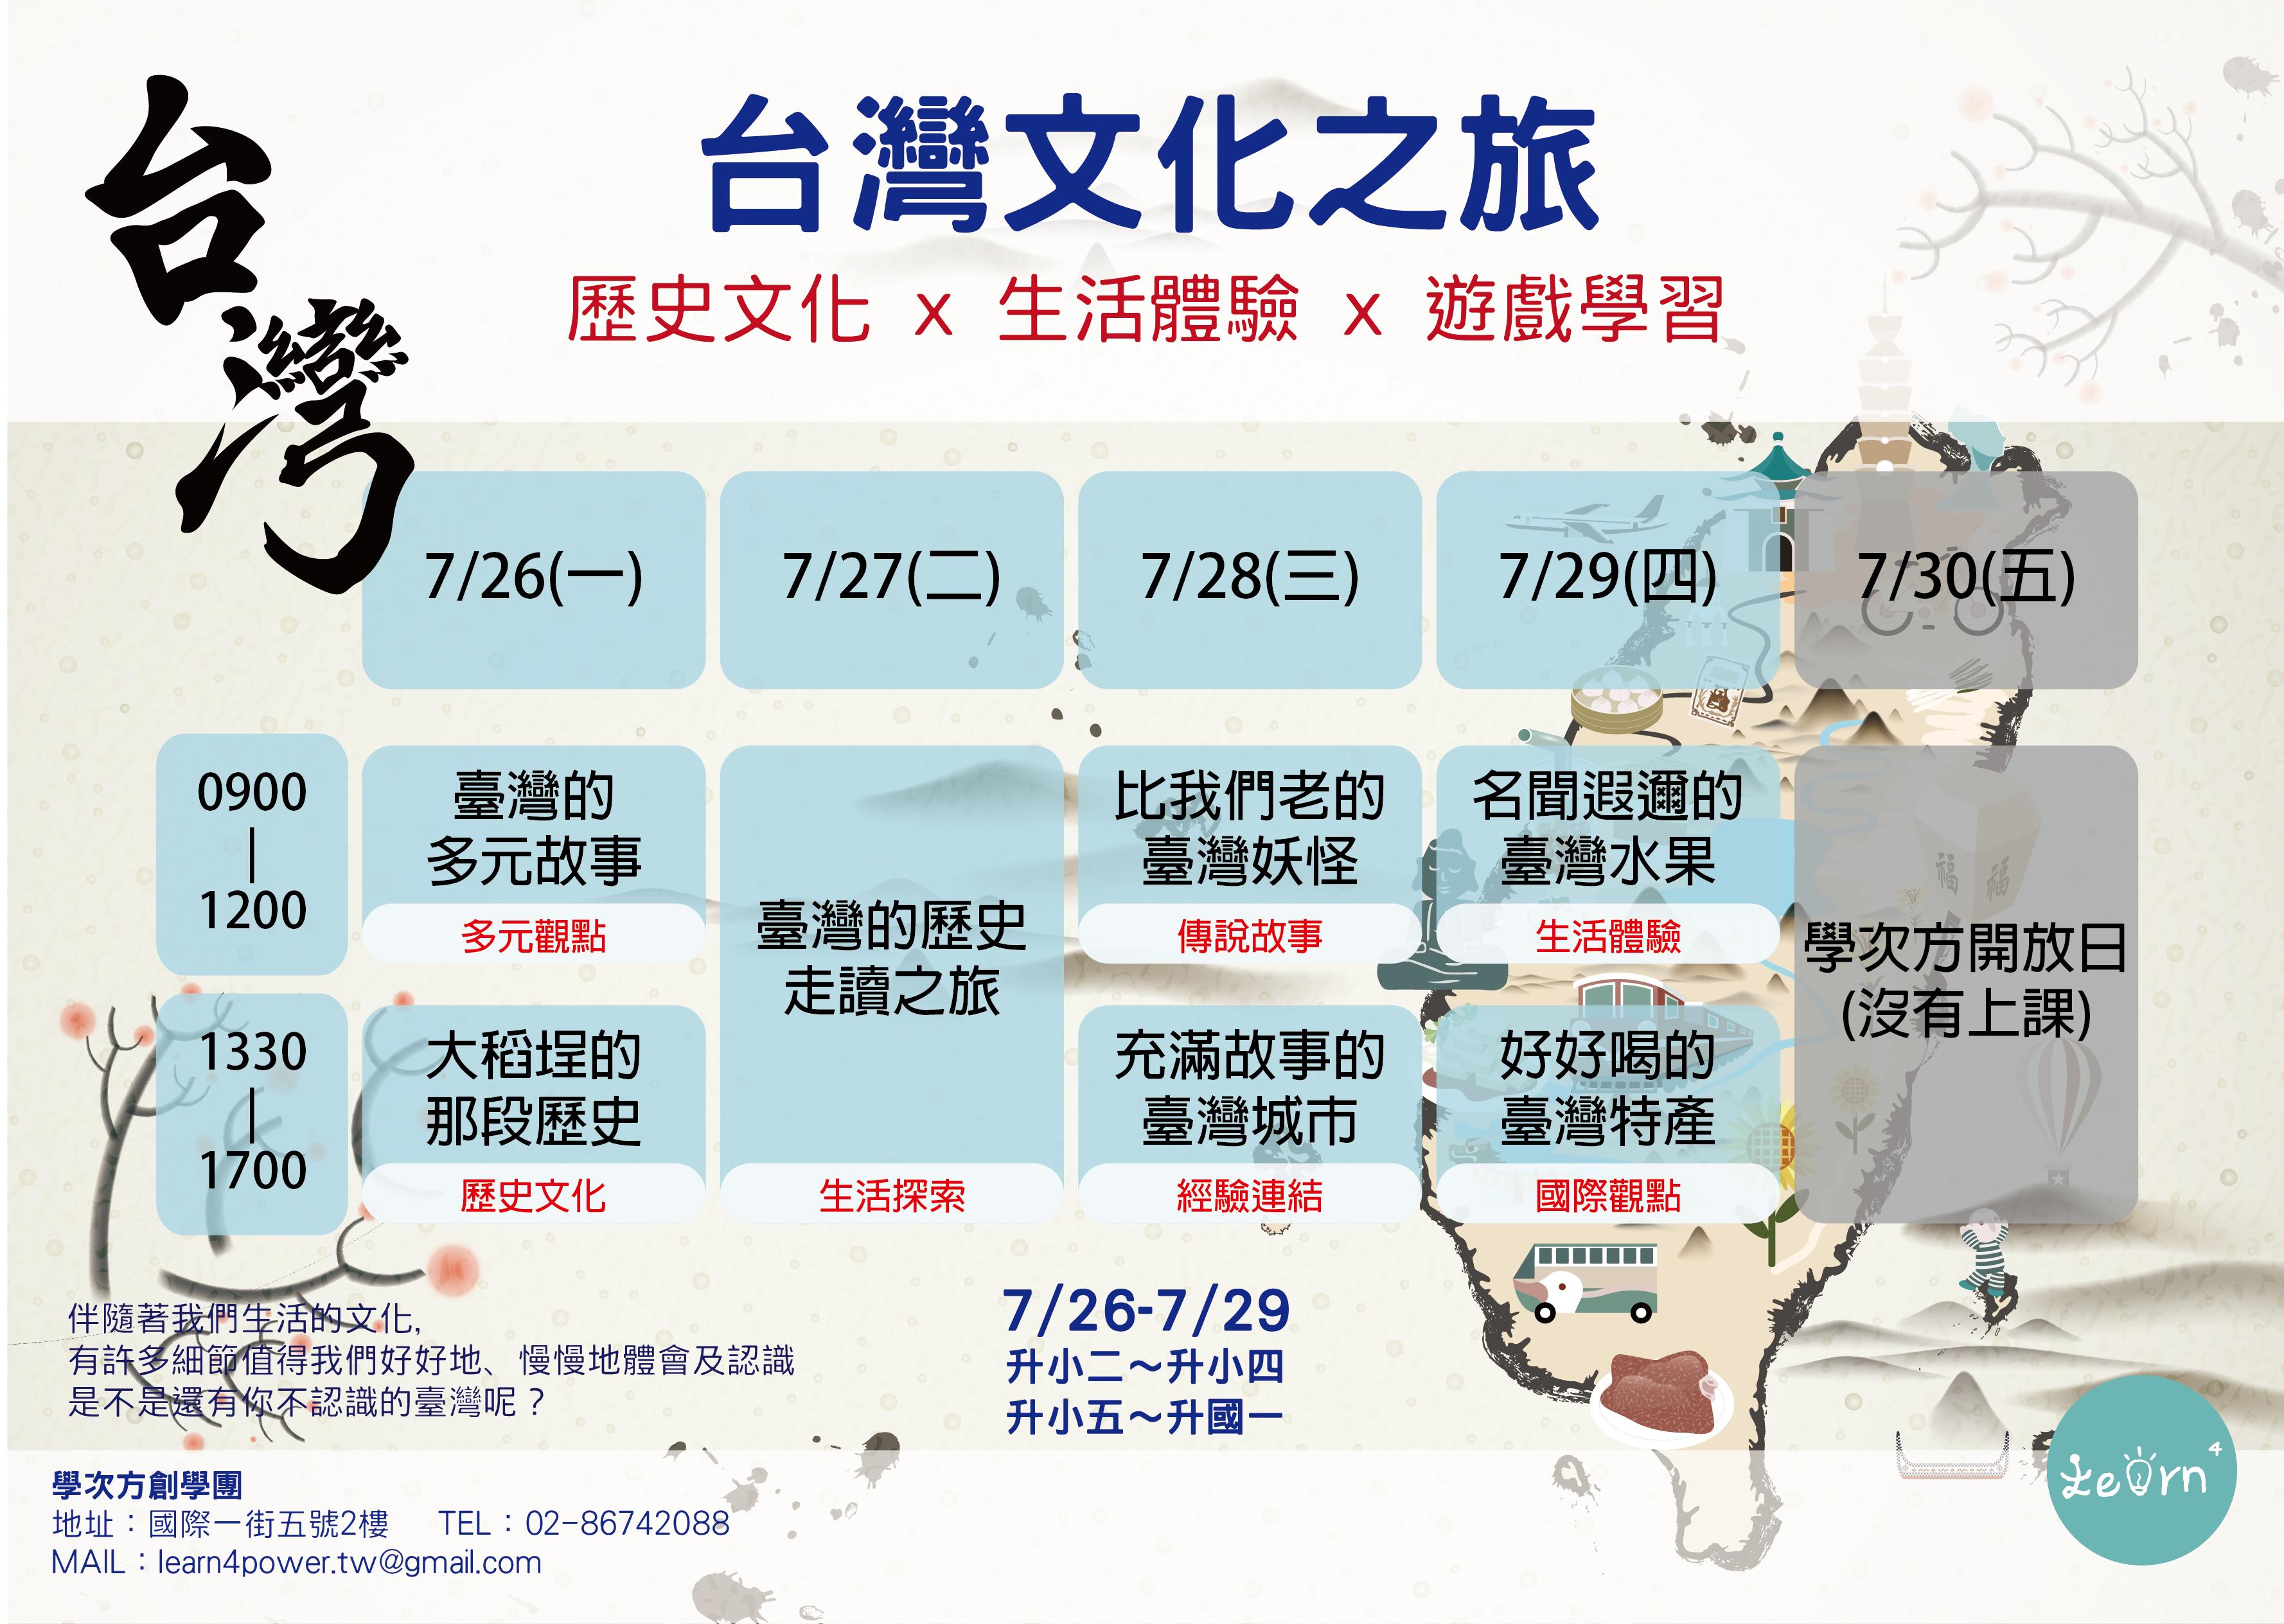 【2021夏令營】臺灣文化之旅──從臺灣桌遊看見臺灣